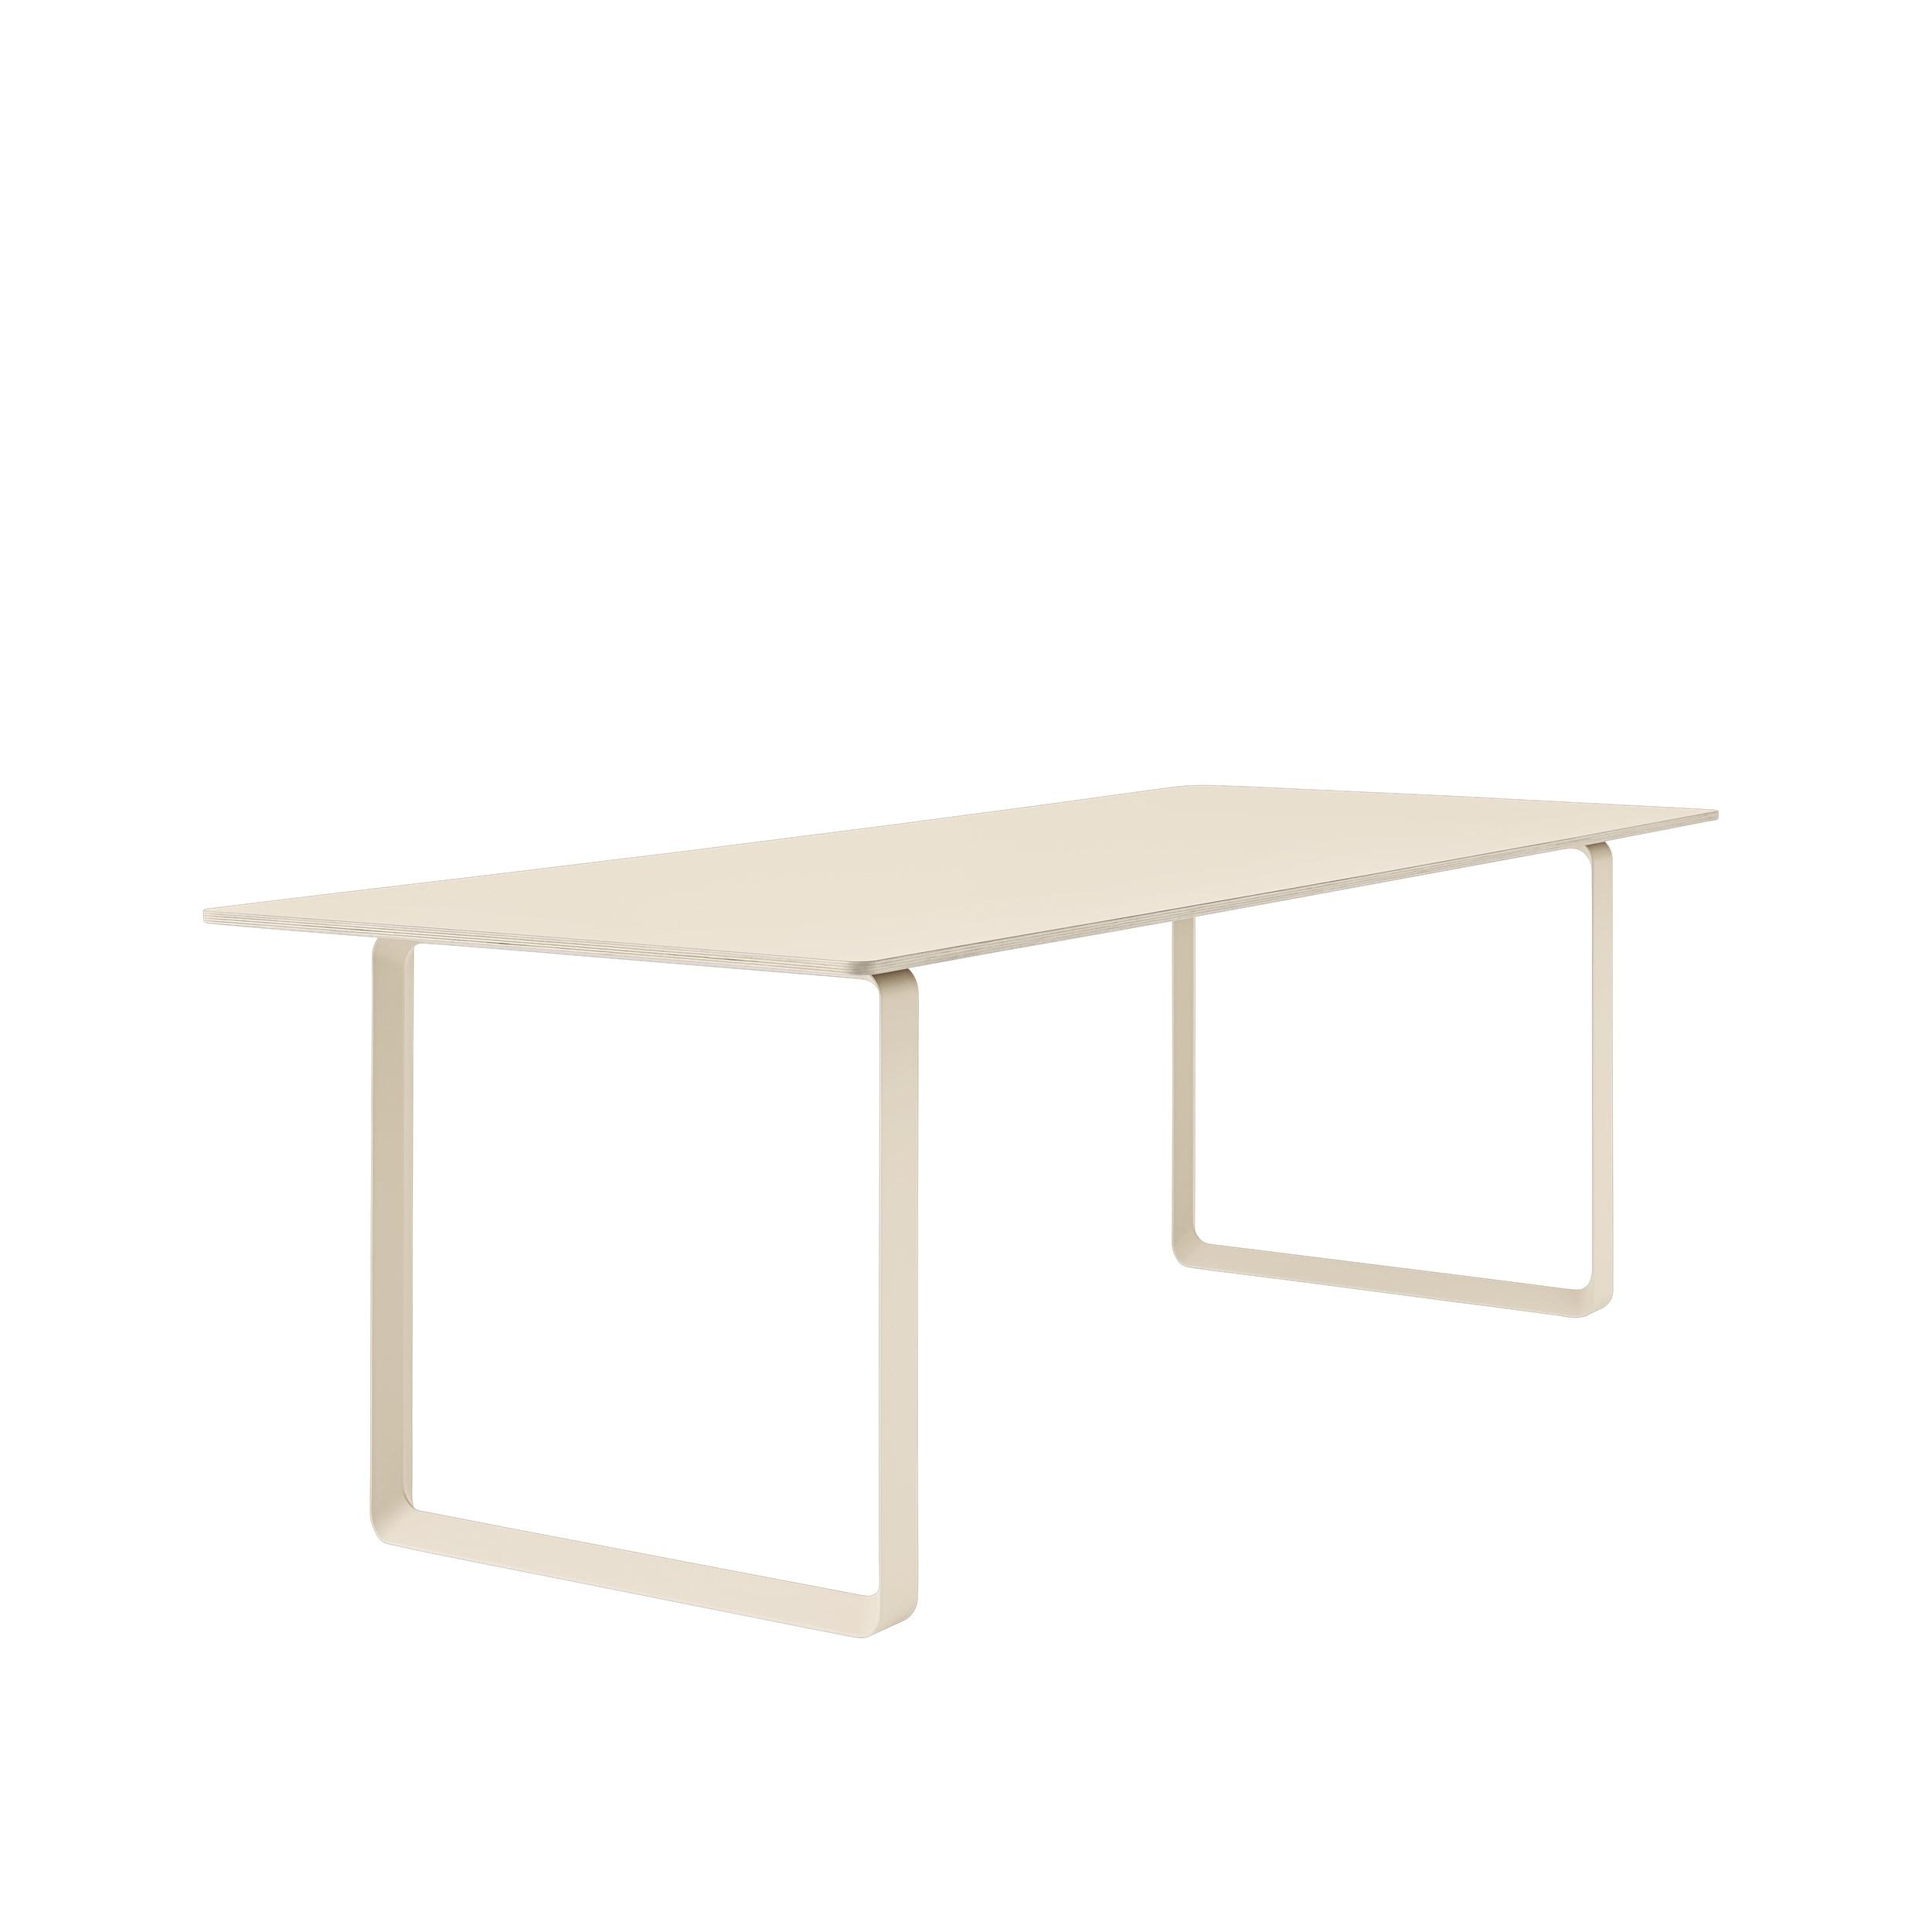 Muuto 70/70 Table 225x90 Sand Laminate